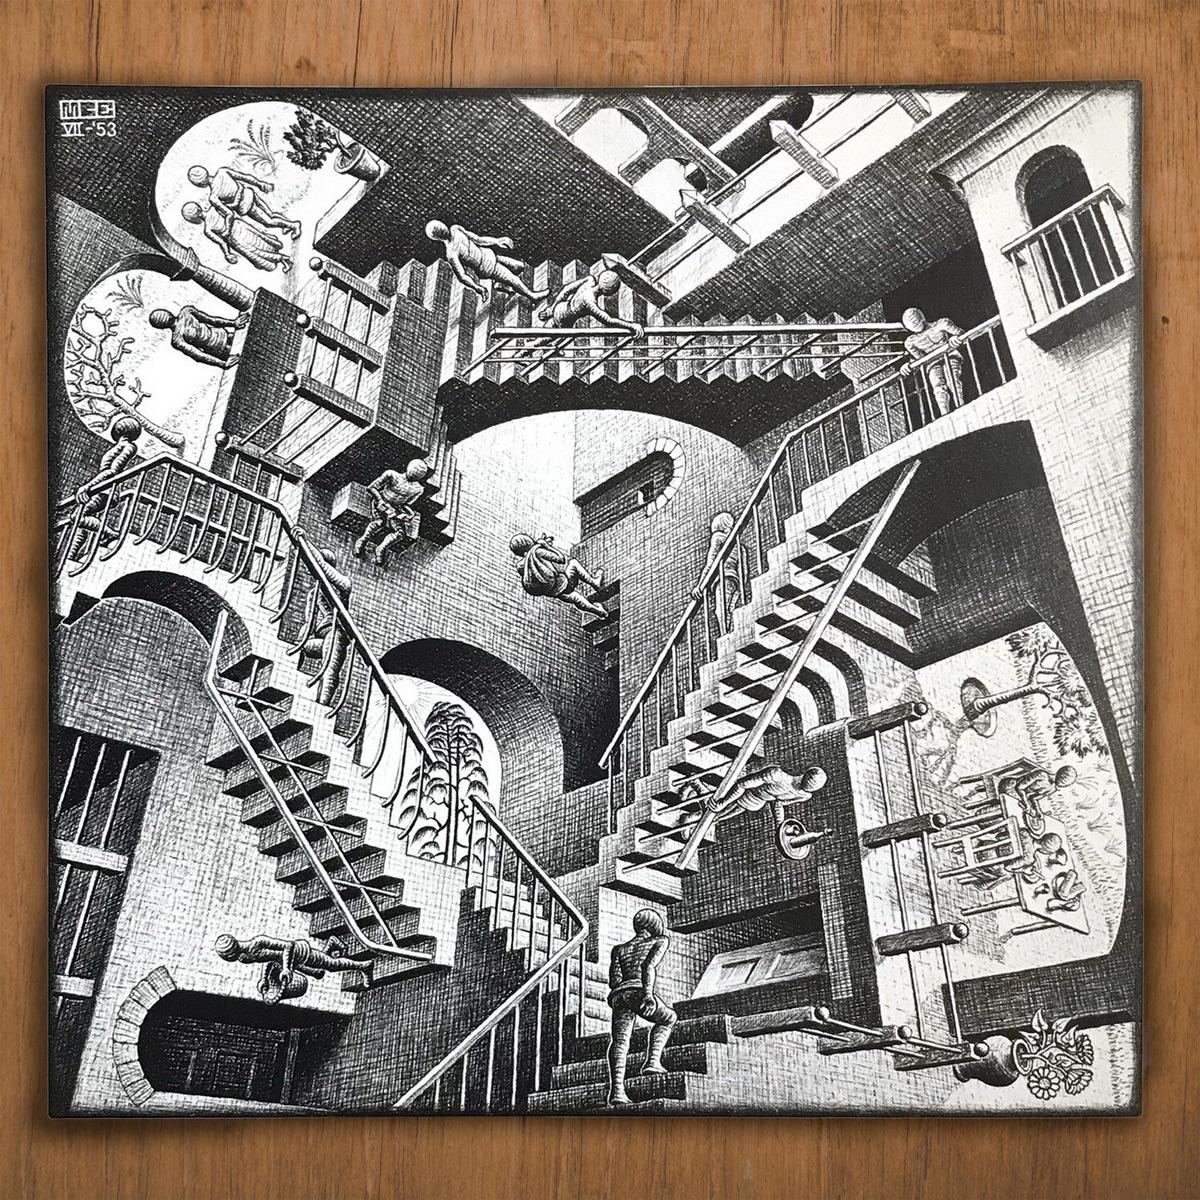 """M.C. Escher, """"Relativity,"""" July 1953, Lithograph"""